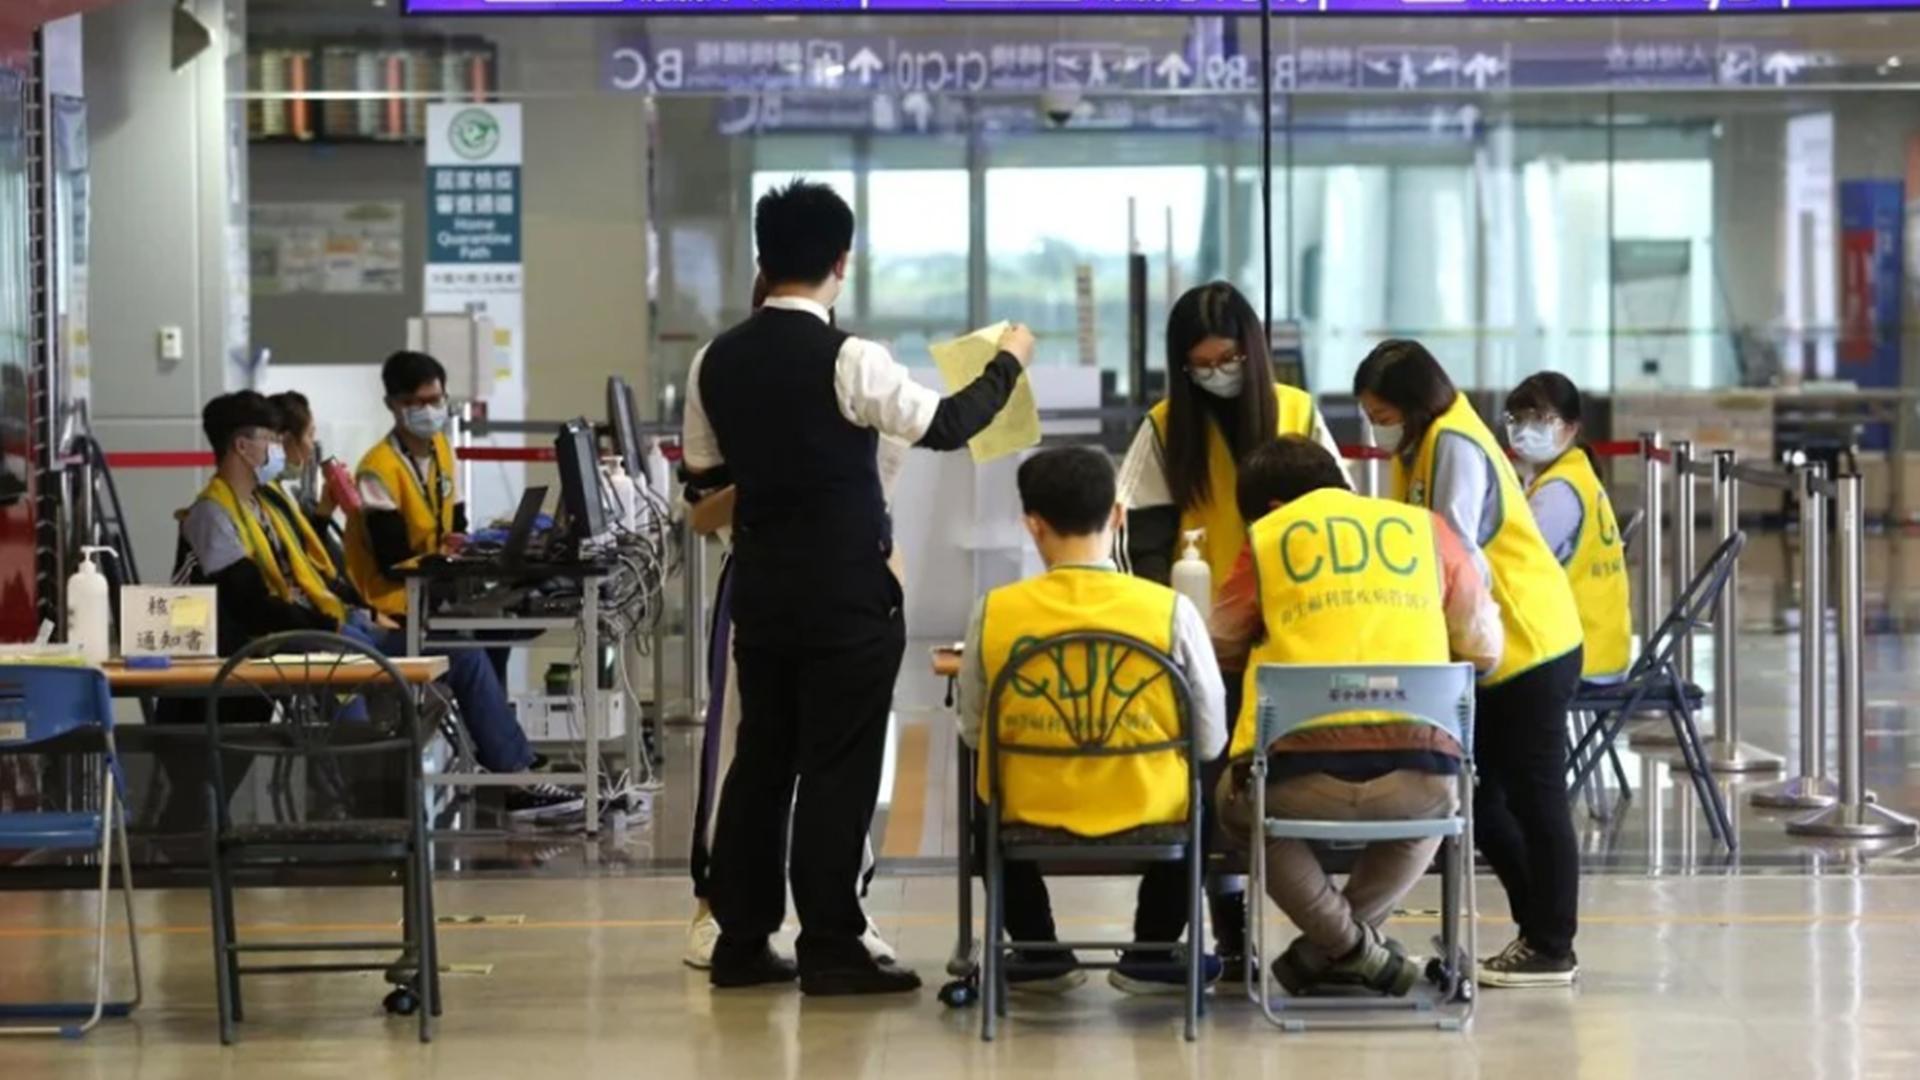 台新增5例确诊:搭同一航班入境 自费采检确诊图片